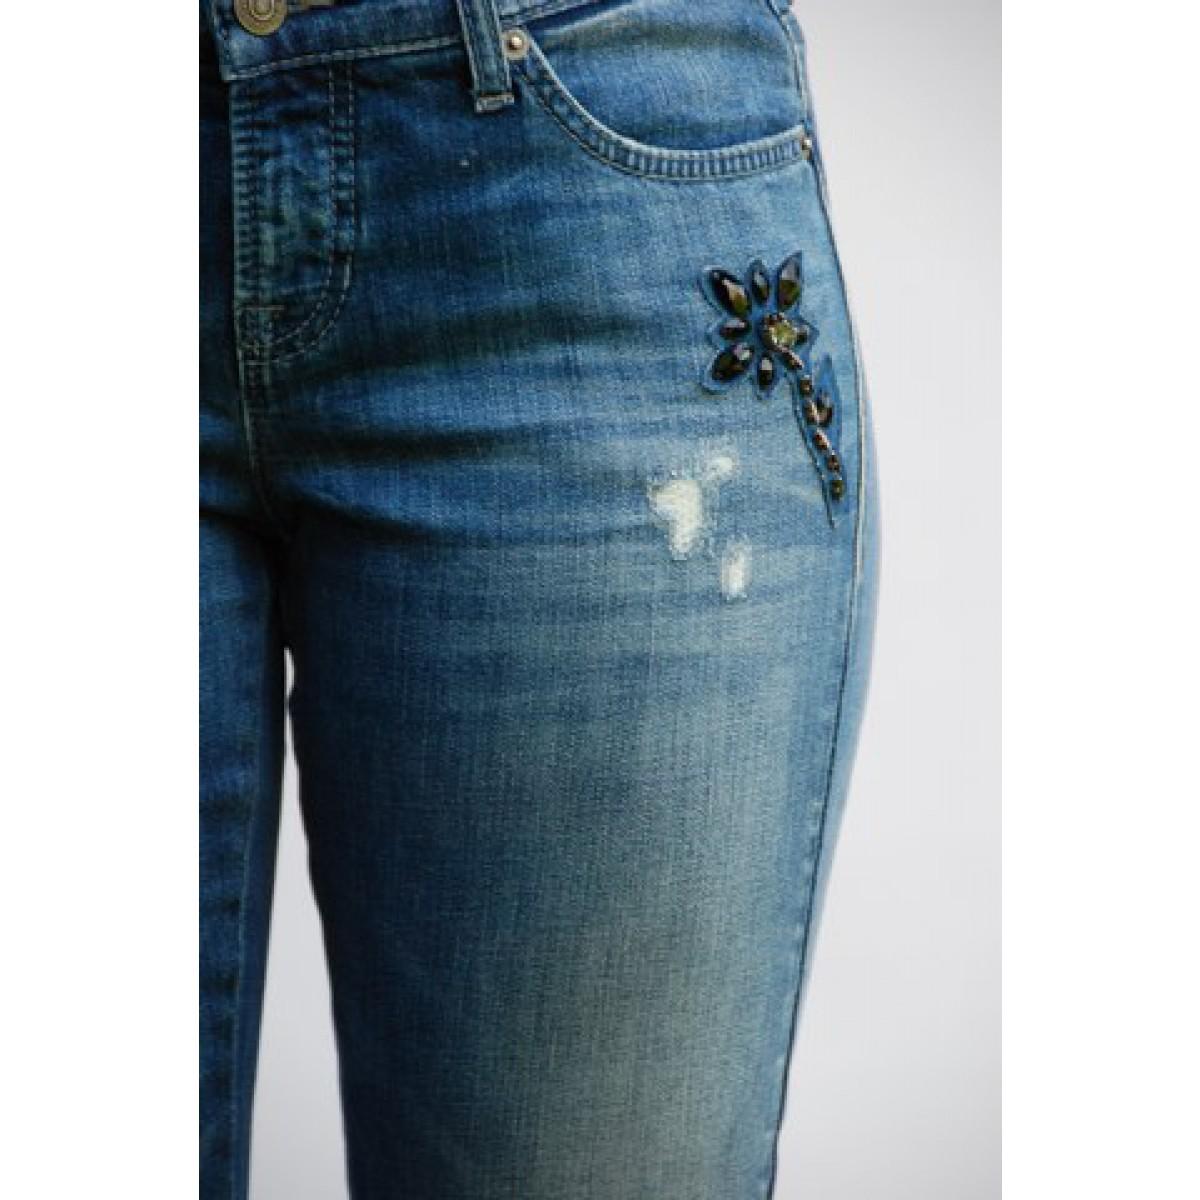 cambio jeans jeans cambio lili 0127 50 / 9105 / 5192 QMKPCGG